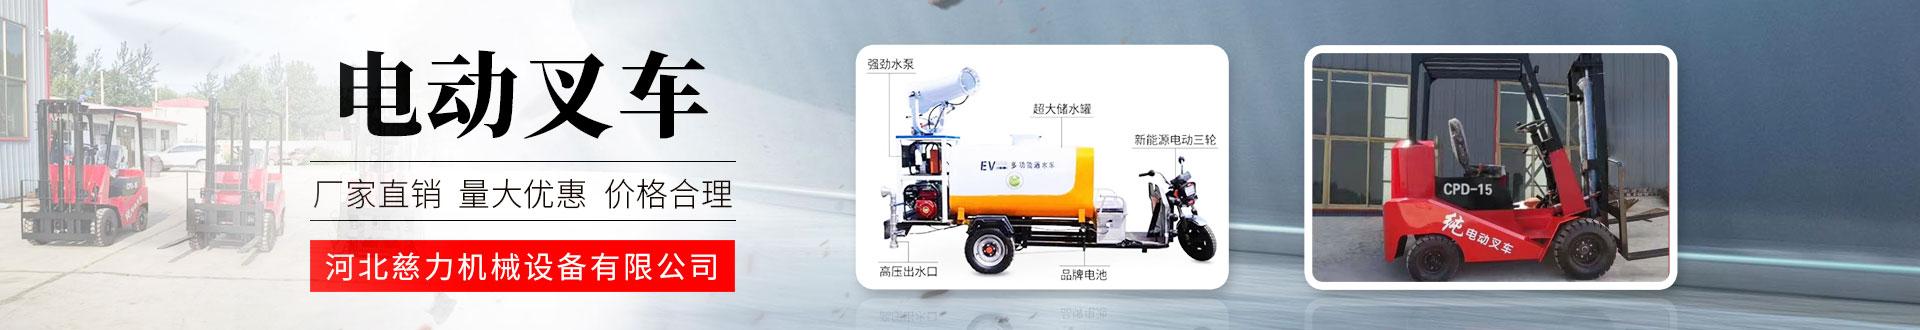 河北慈力机械设备有限公司